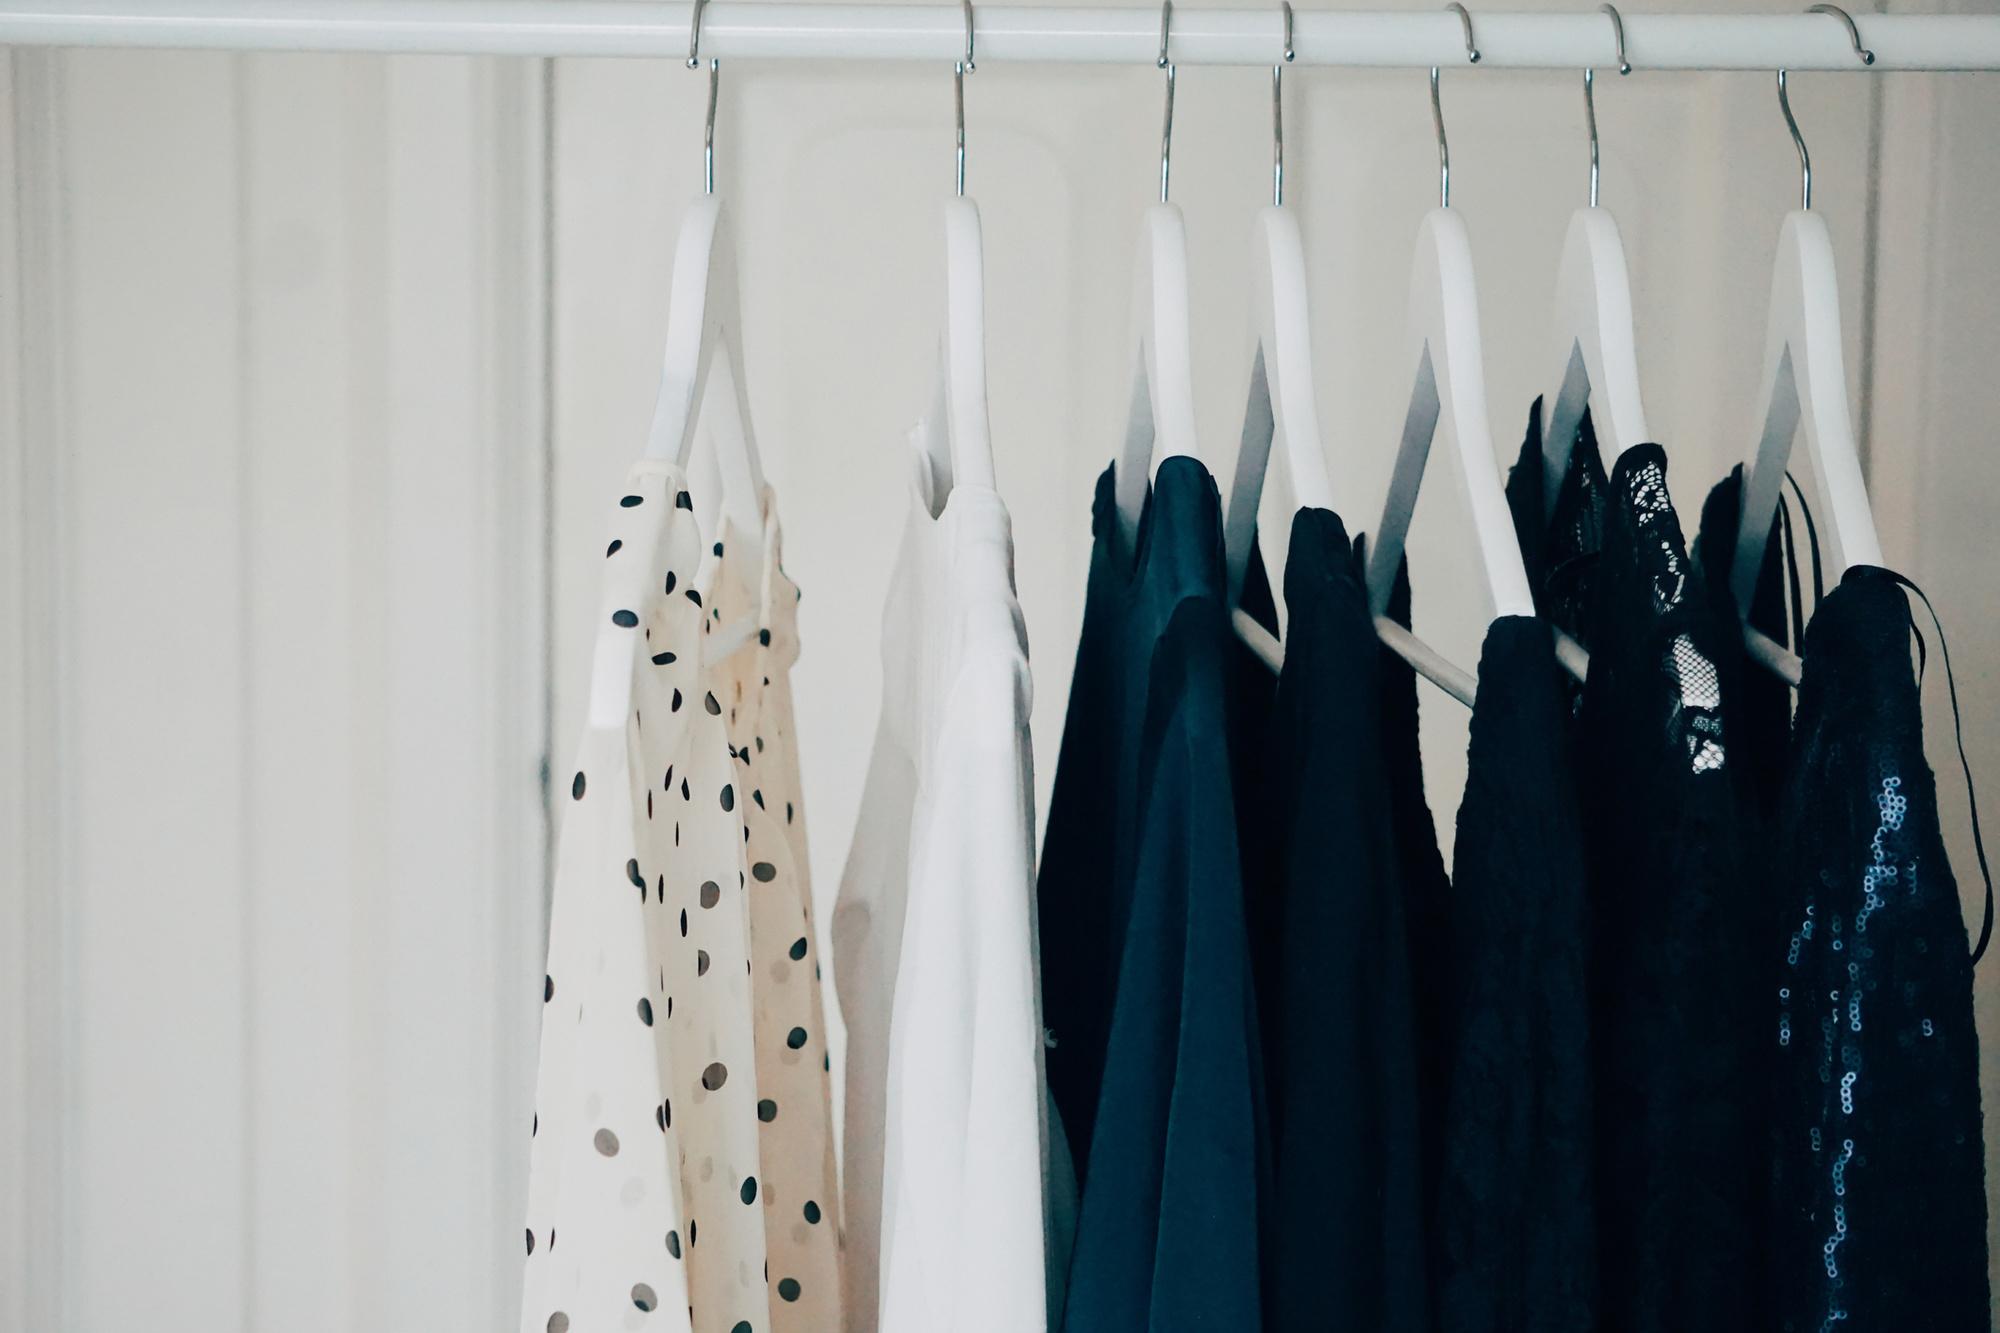 Bij Christian Wijnants staan de kledingrekken verder uit elkaar dan anders. , Getty Images